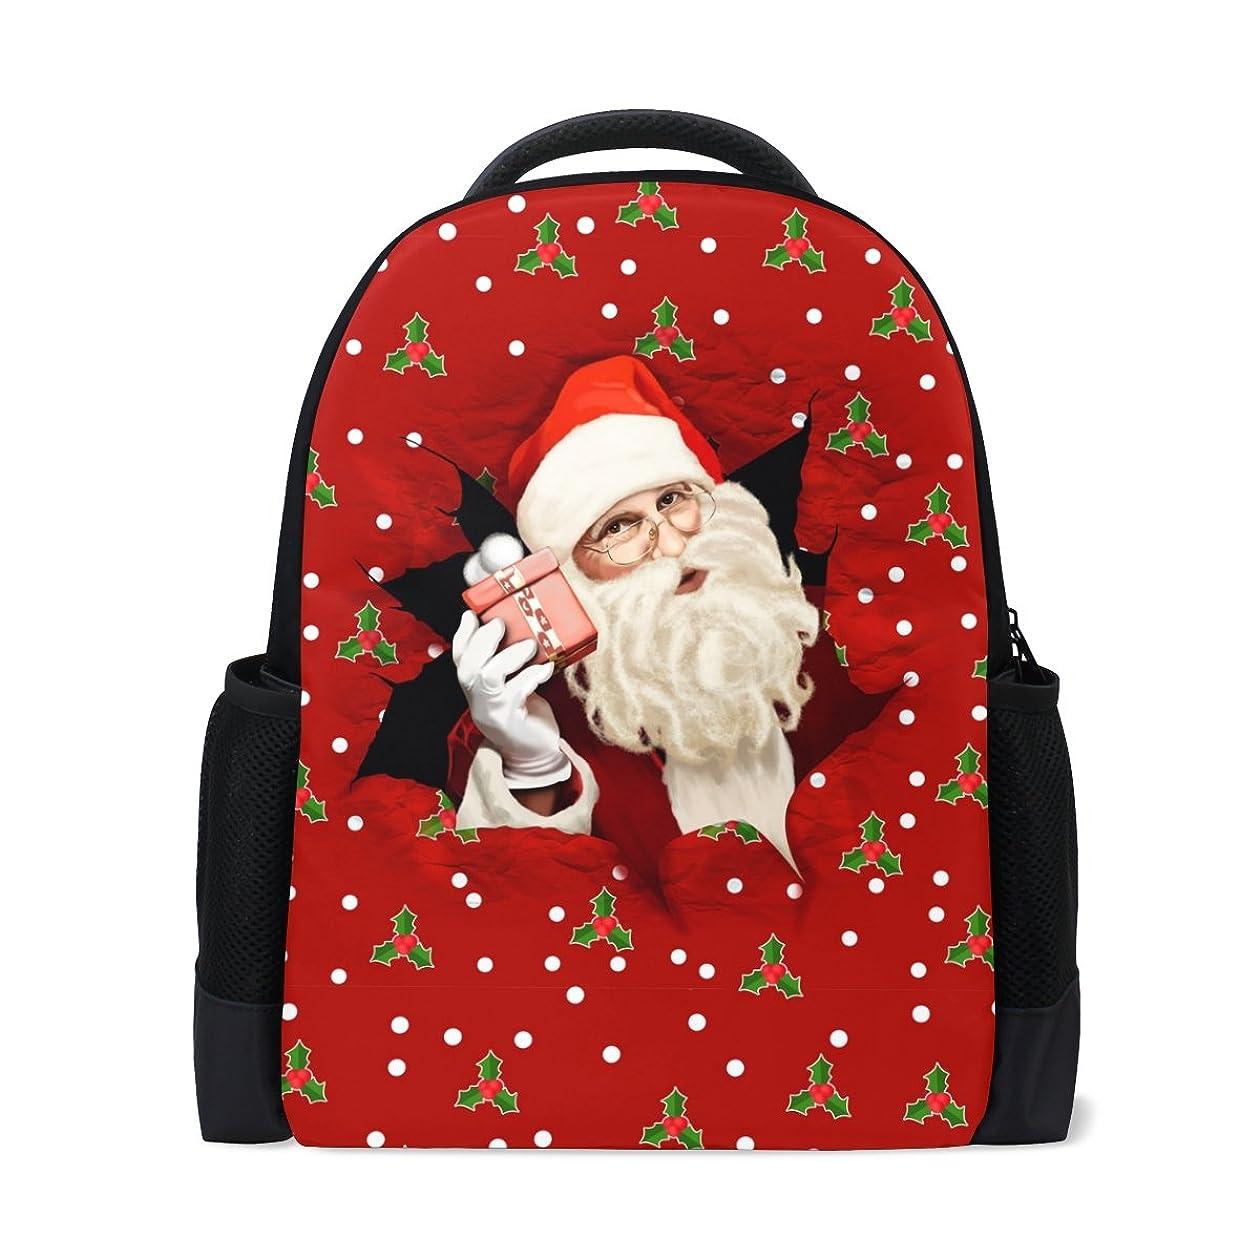 農民ディンカルビルモッキンバードマキク(MAKIKU) リュック 大容量 おしゃれ レディース 軽量 メンズ 通学 クリスマス サンタクロース レッド 高校生 中学生 リュックサック プレゼント対応